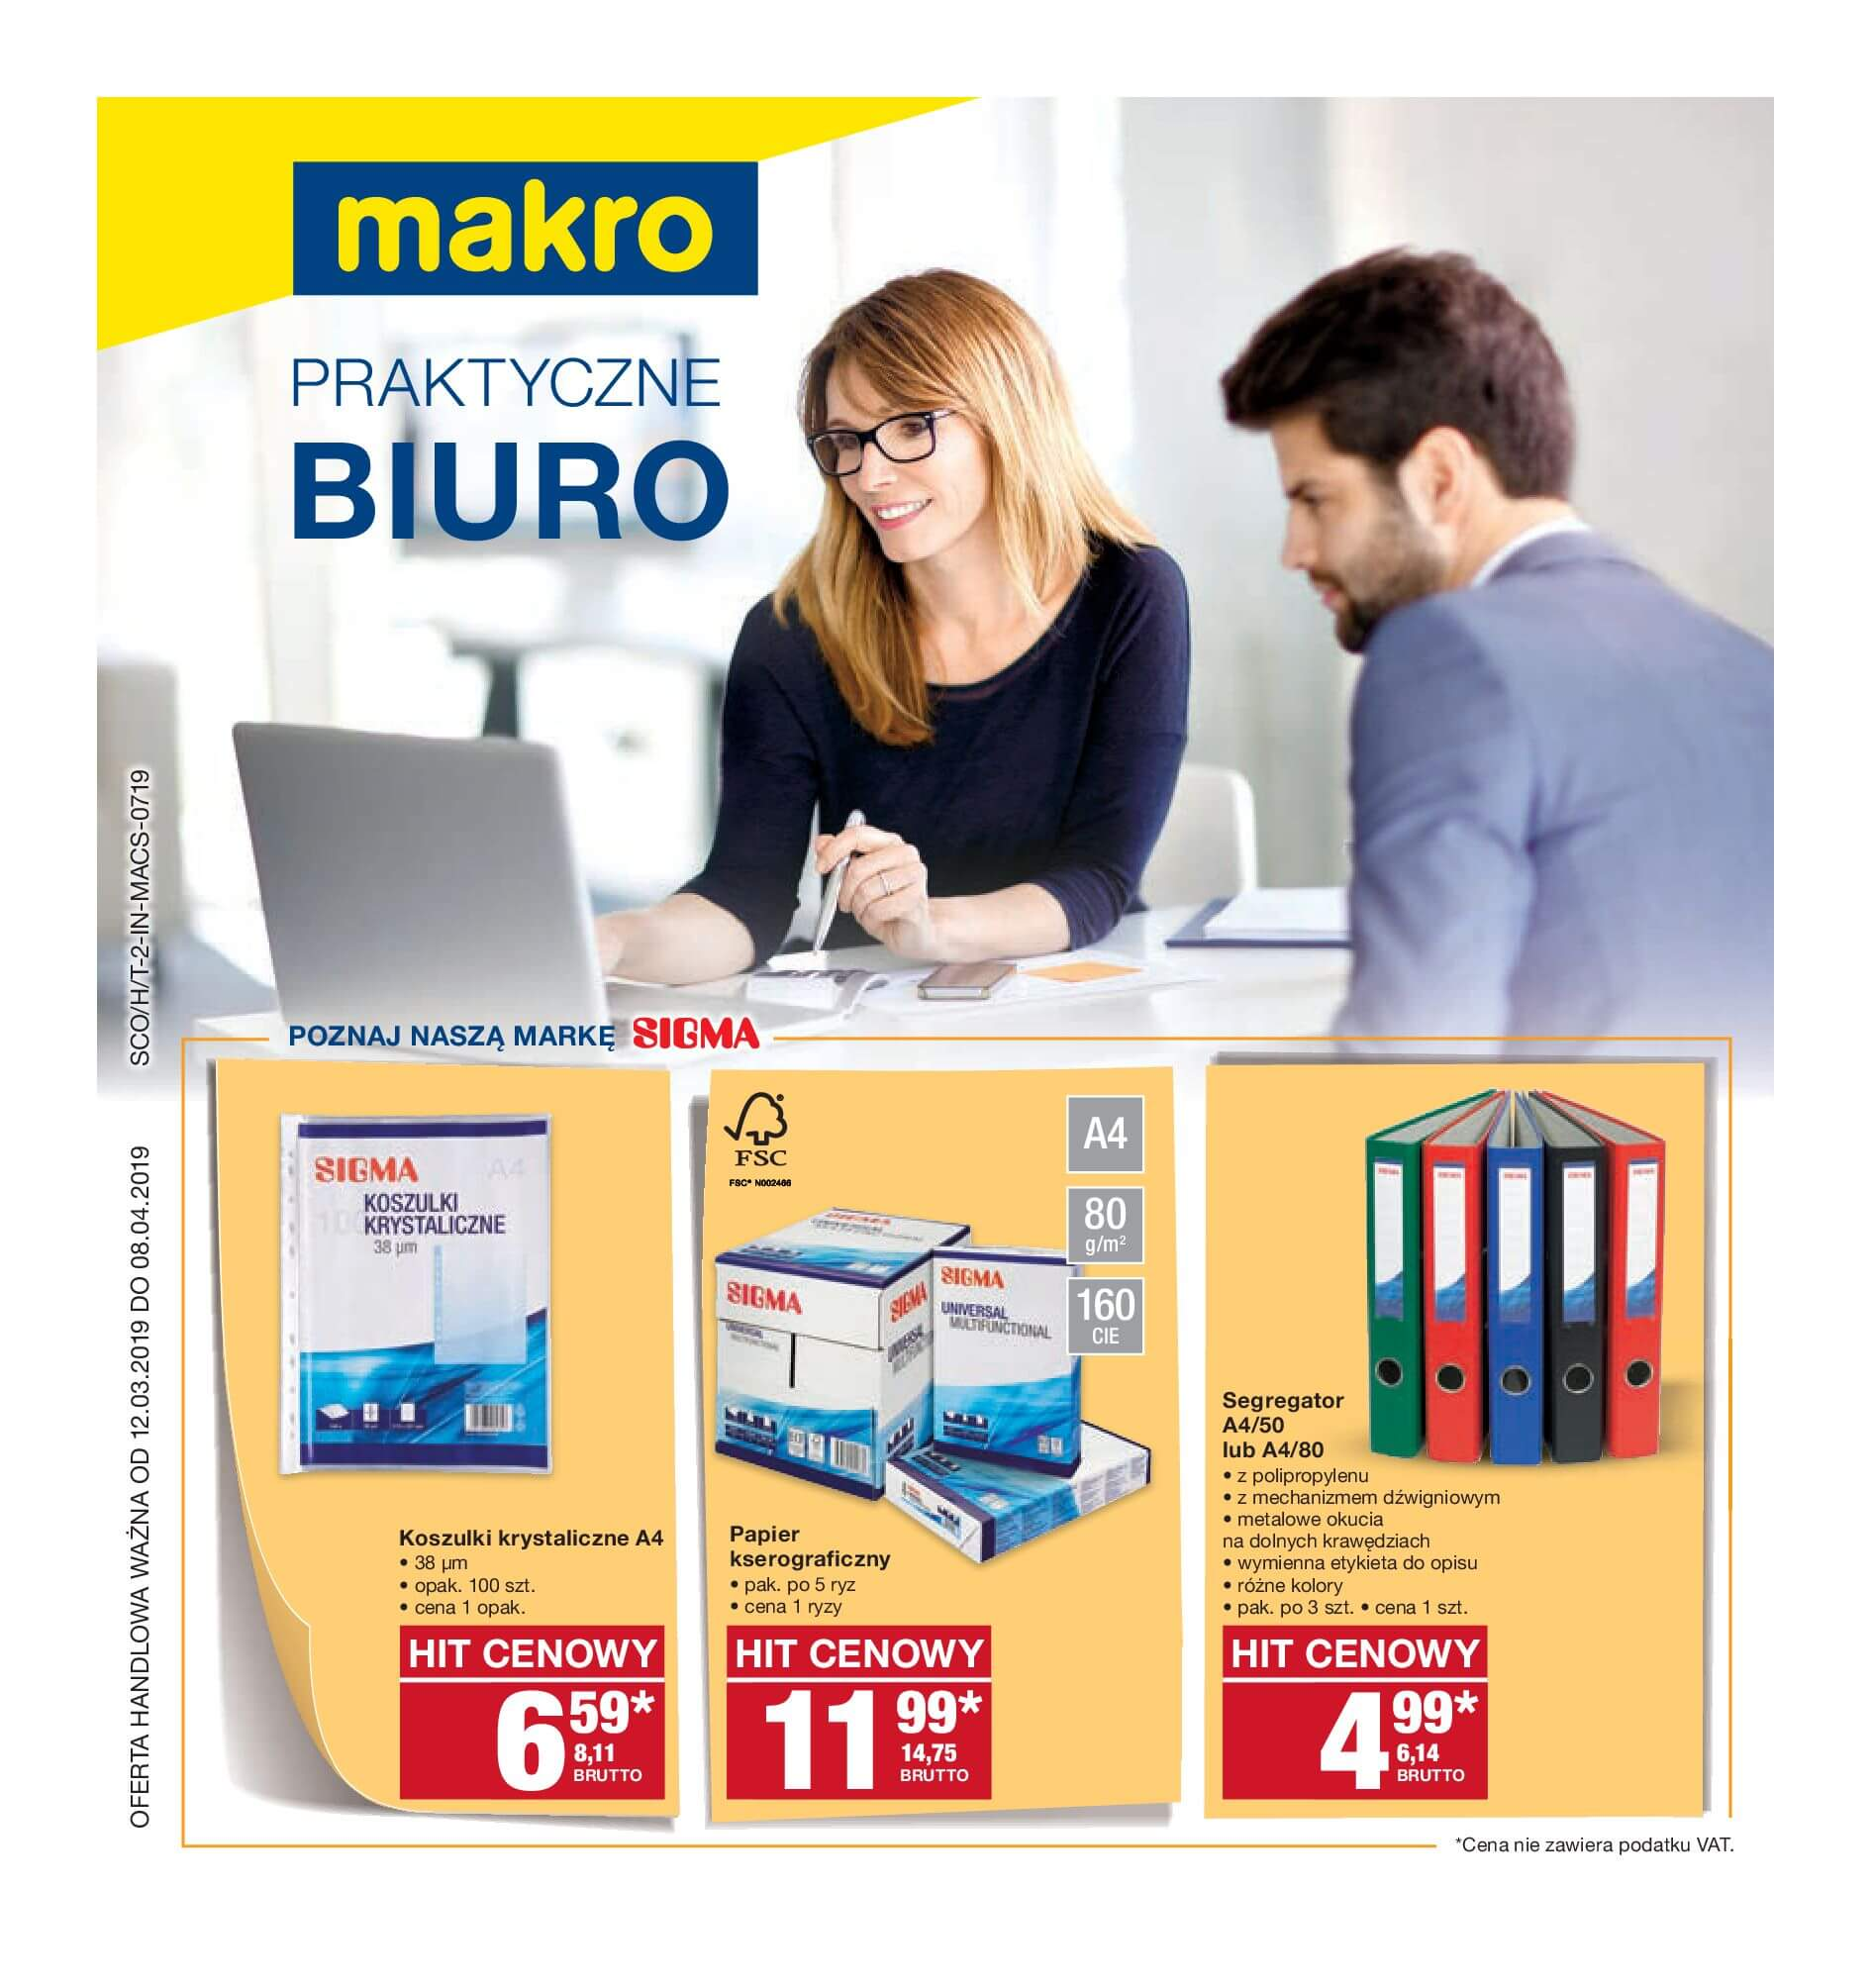 Gazetka Makro - Praktyczne biuro-11.03.2019-25.03.2019-page-